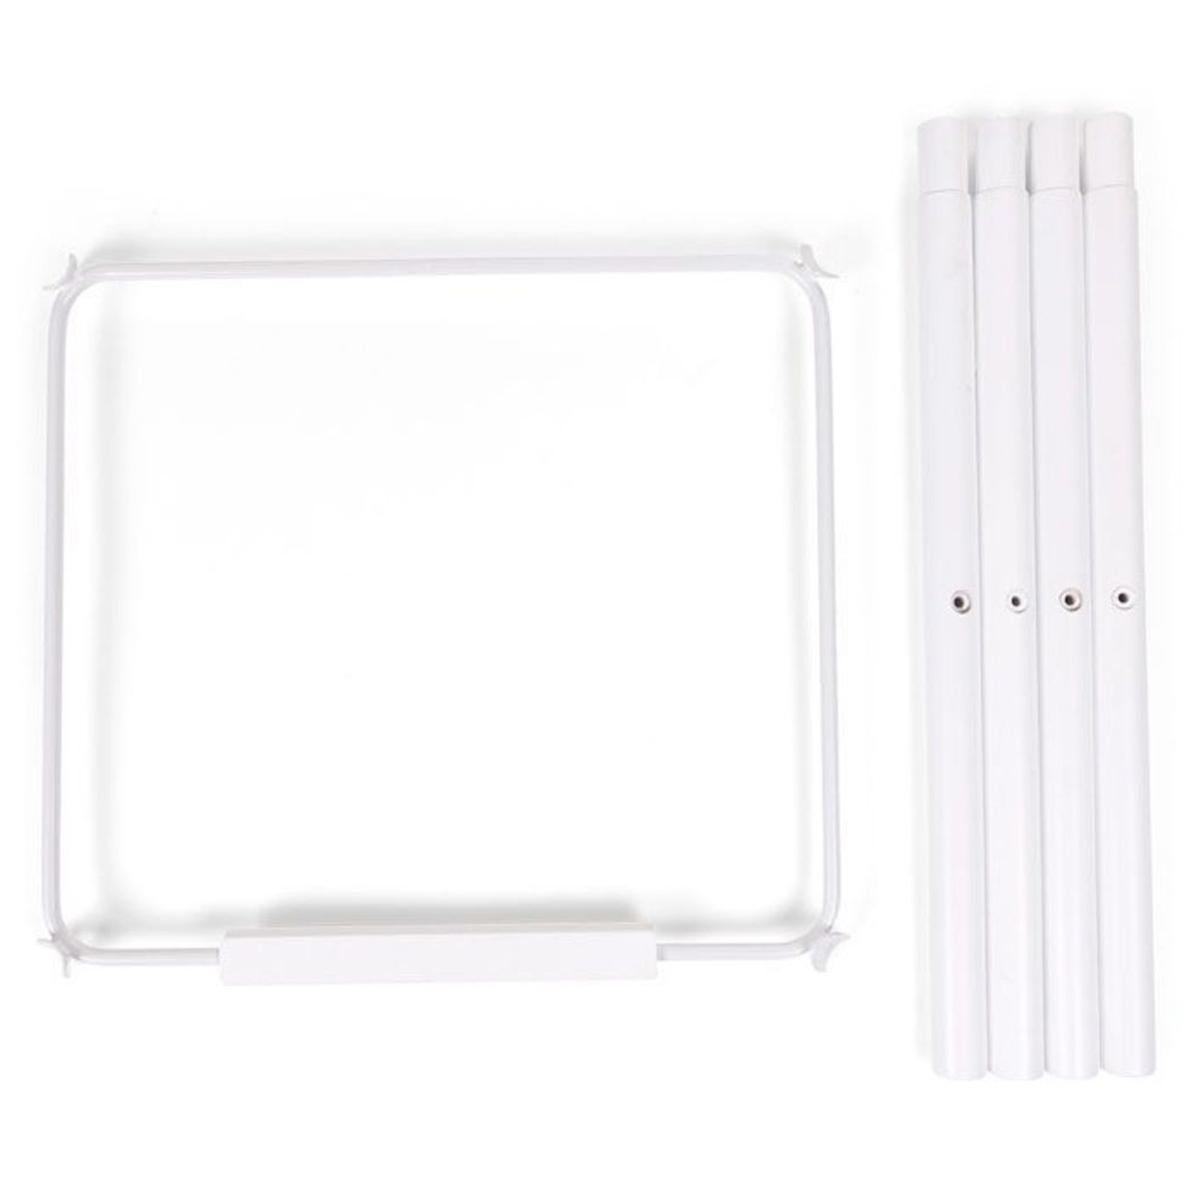 Chaise haute Set de Pieds Longs pour Chaise Haute - Blanc Set de Pieds Longs pour Chaise Haute - Blanc